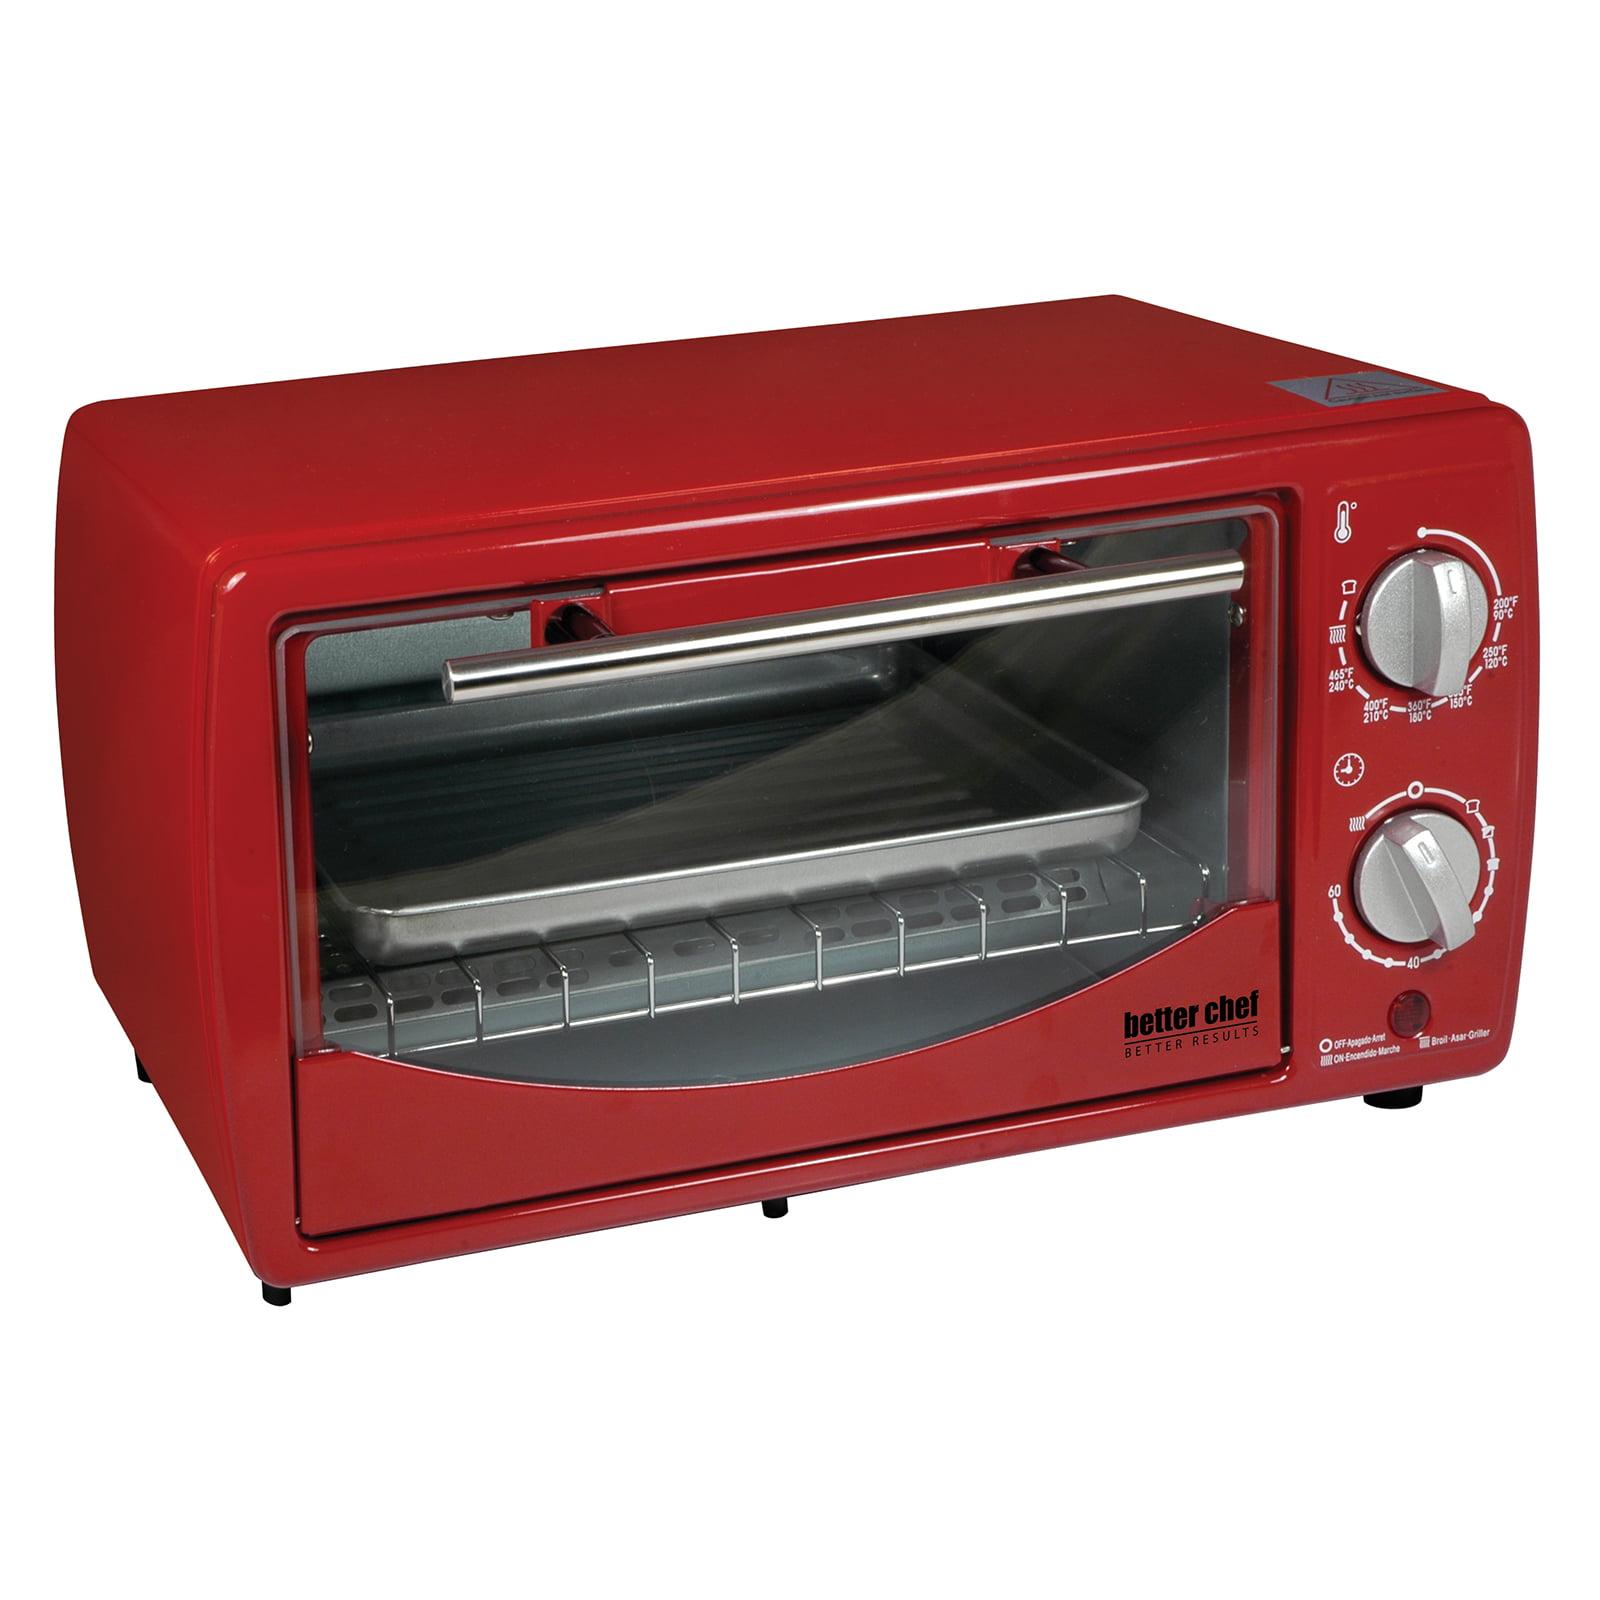 Better Chef 9 Liter Toaster Oven Broiler-White